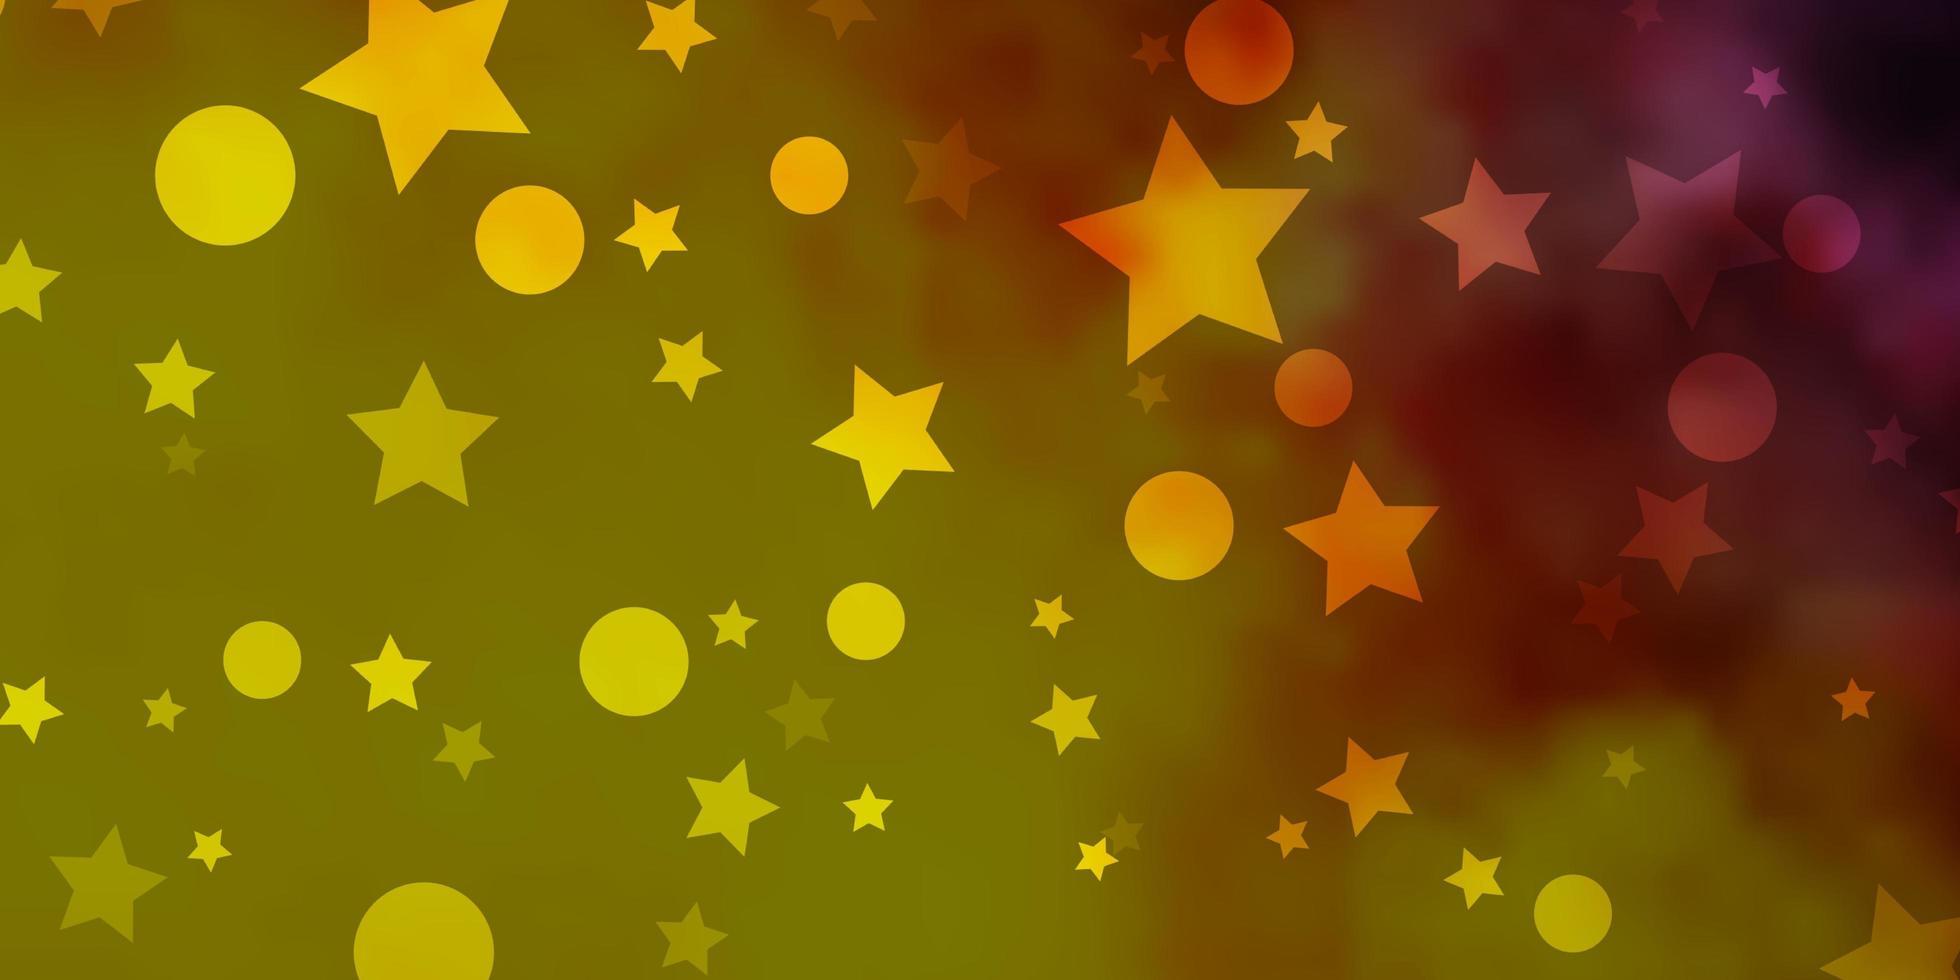 toile de fond de vecteur rose clair, jaune avec des cercles, des étoiles.